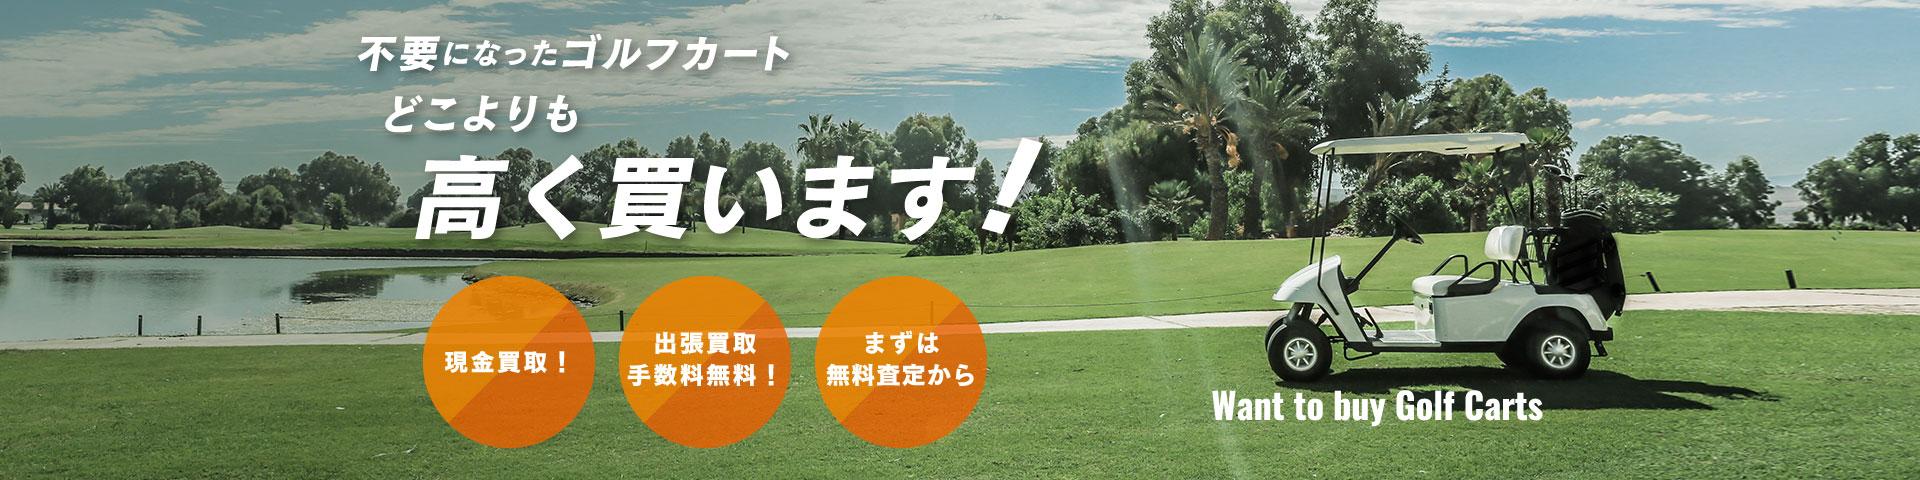 不要になったゴルフカート、どこよりも高く買います!